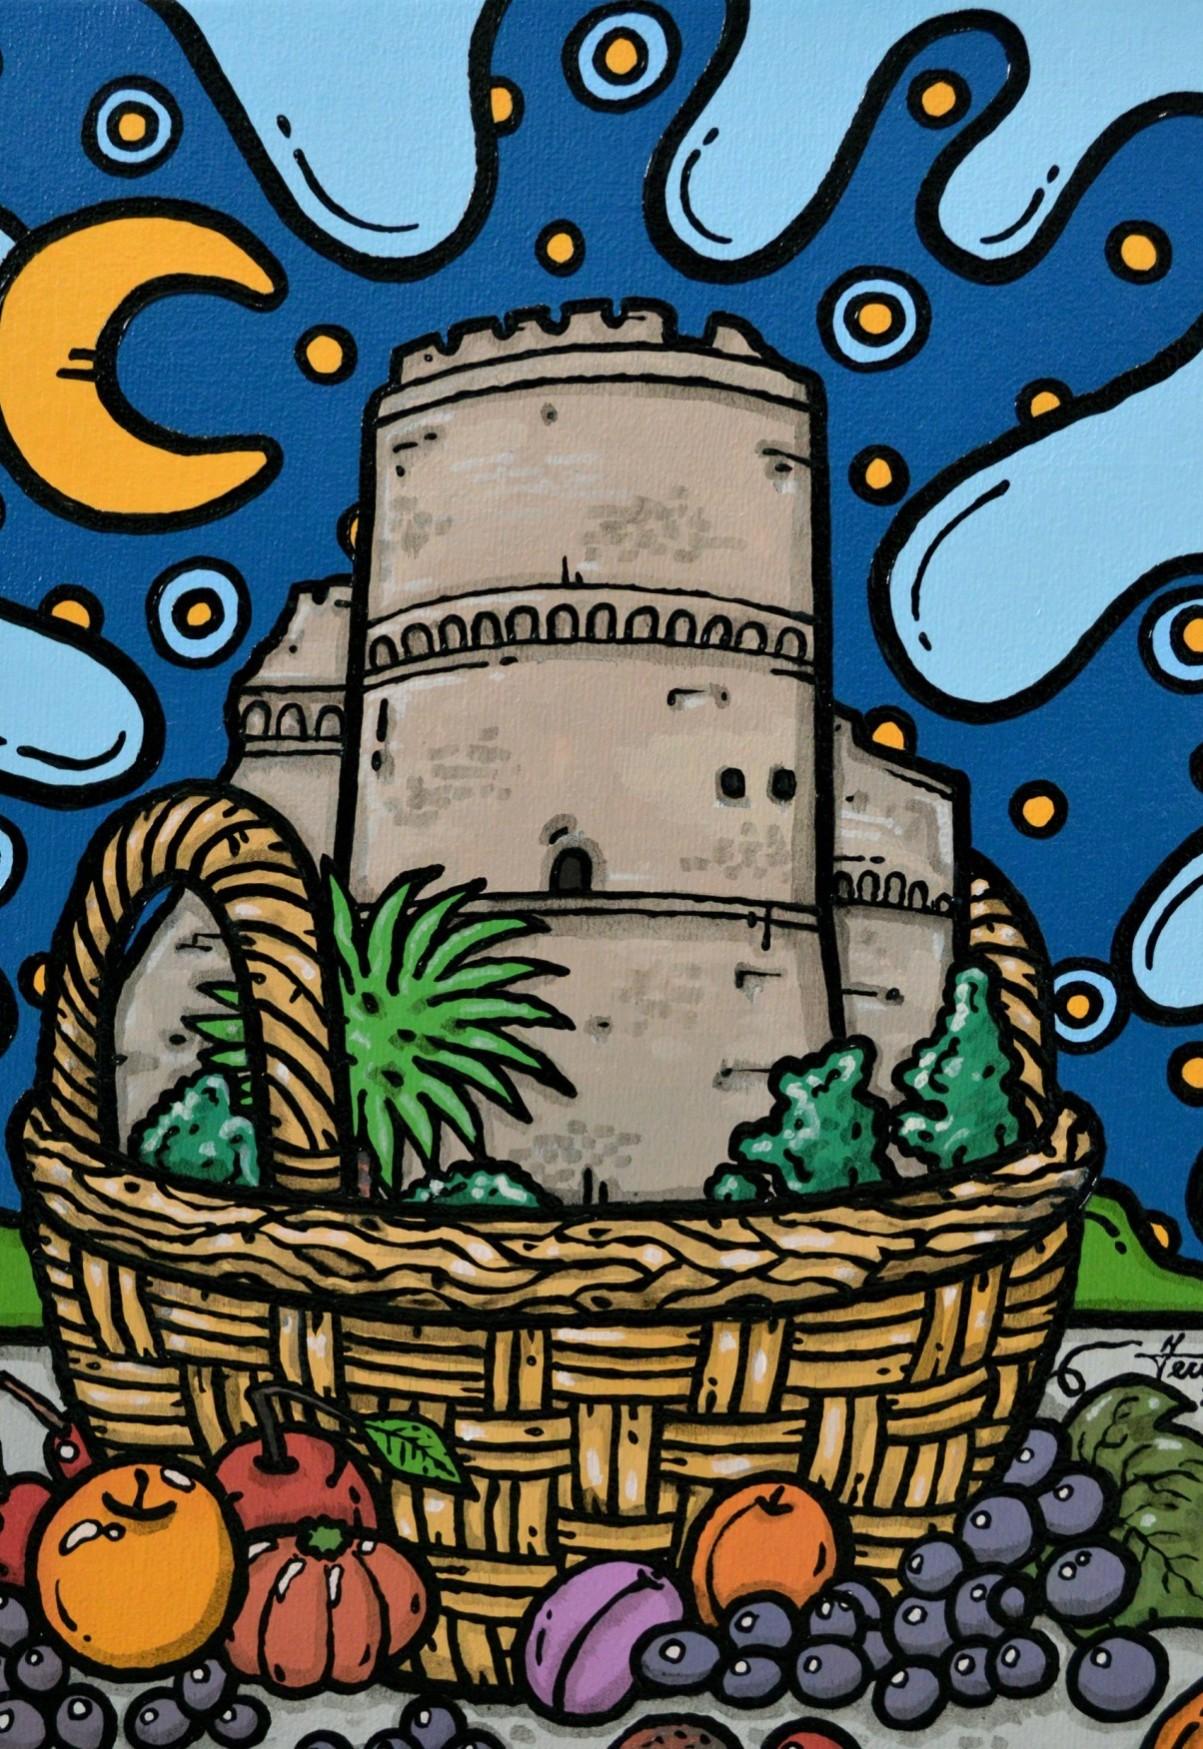 opera d'arte, contornismo metafisico, francesco ferrulli, pittore pugliese, artista italiano, arte contemporanea, dipinto, olio su tela, acrilico su tela, paesaggi pugliesi, quadro colorato, oil on canvas, art, painter, reggio calabria, castello aragonese, cesto frutta, calabria